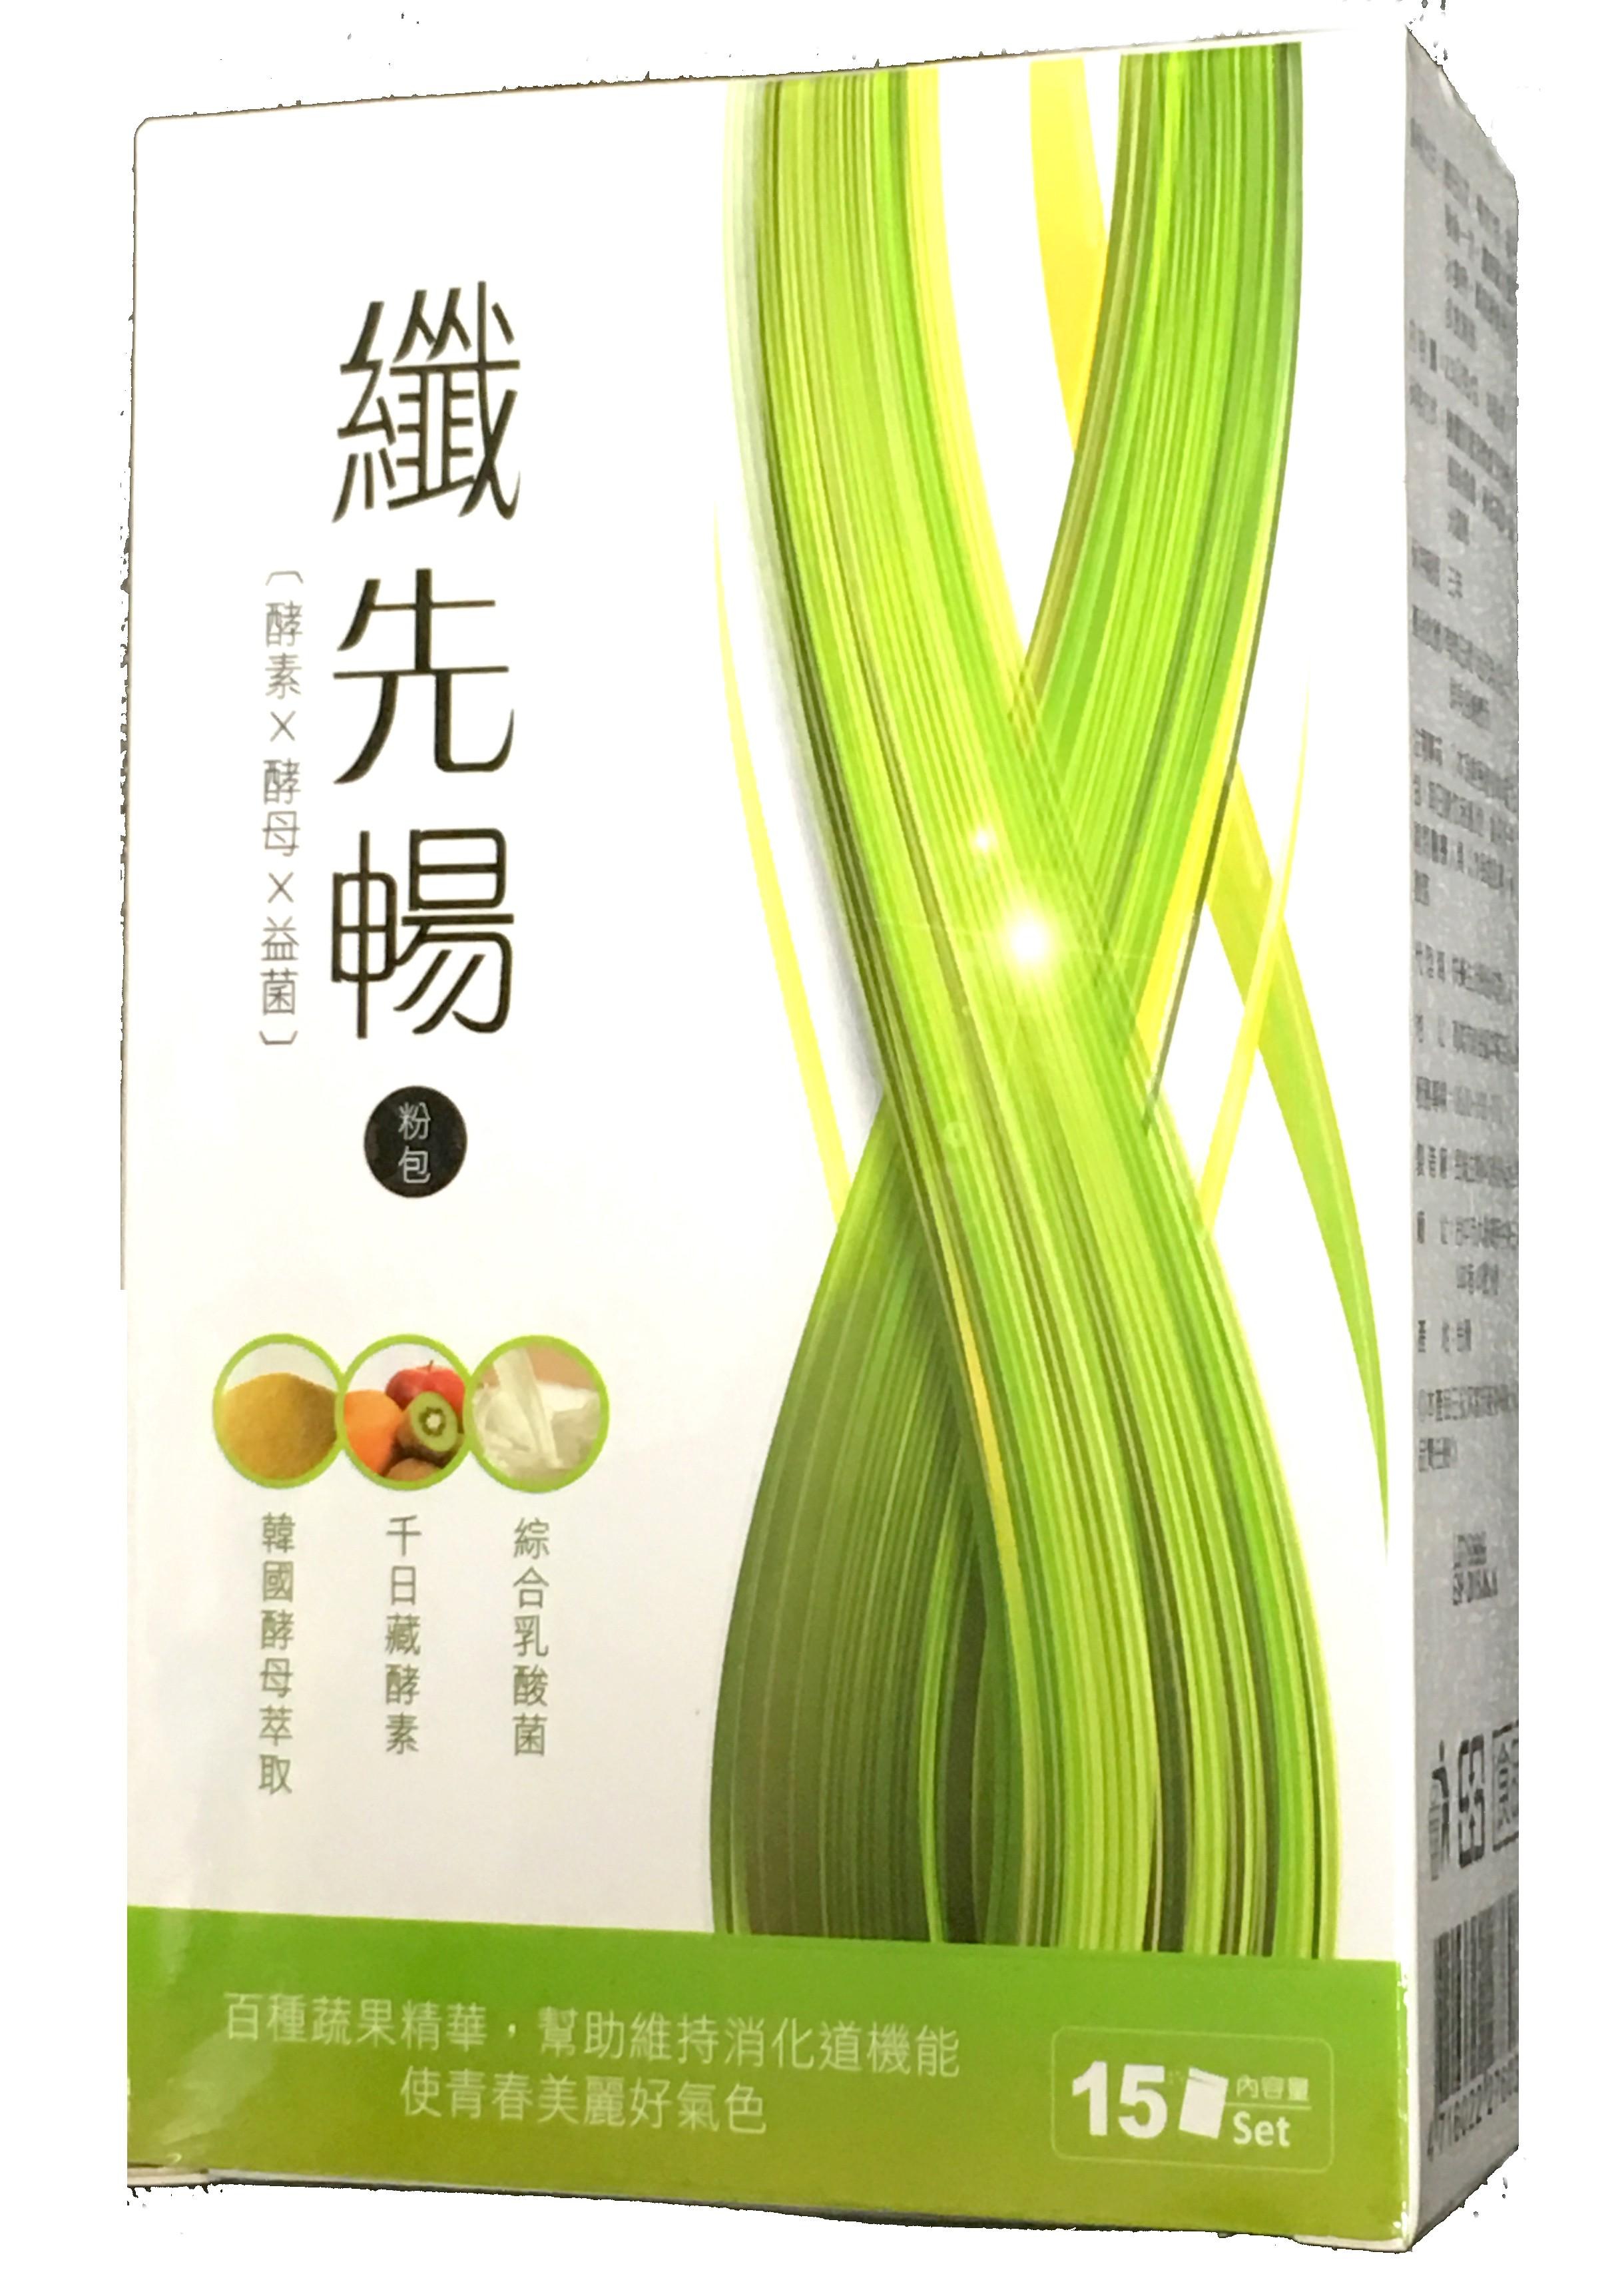 纖先暢 酵素x酵母x益菌 2.5g*15包/盒◆德瑞健康家◆